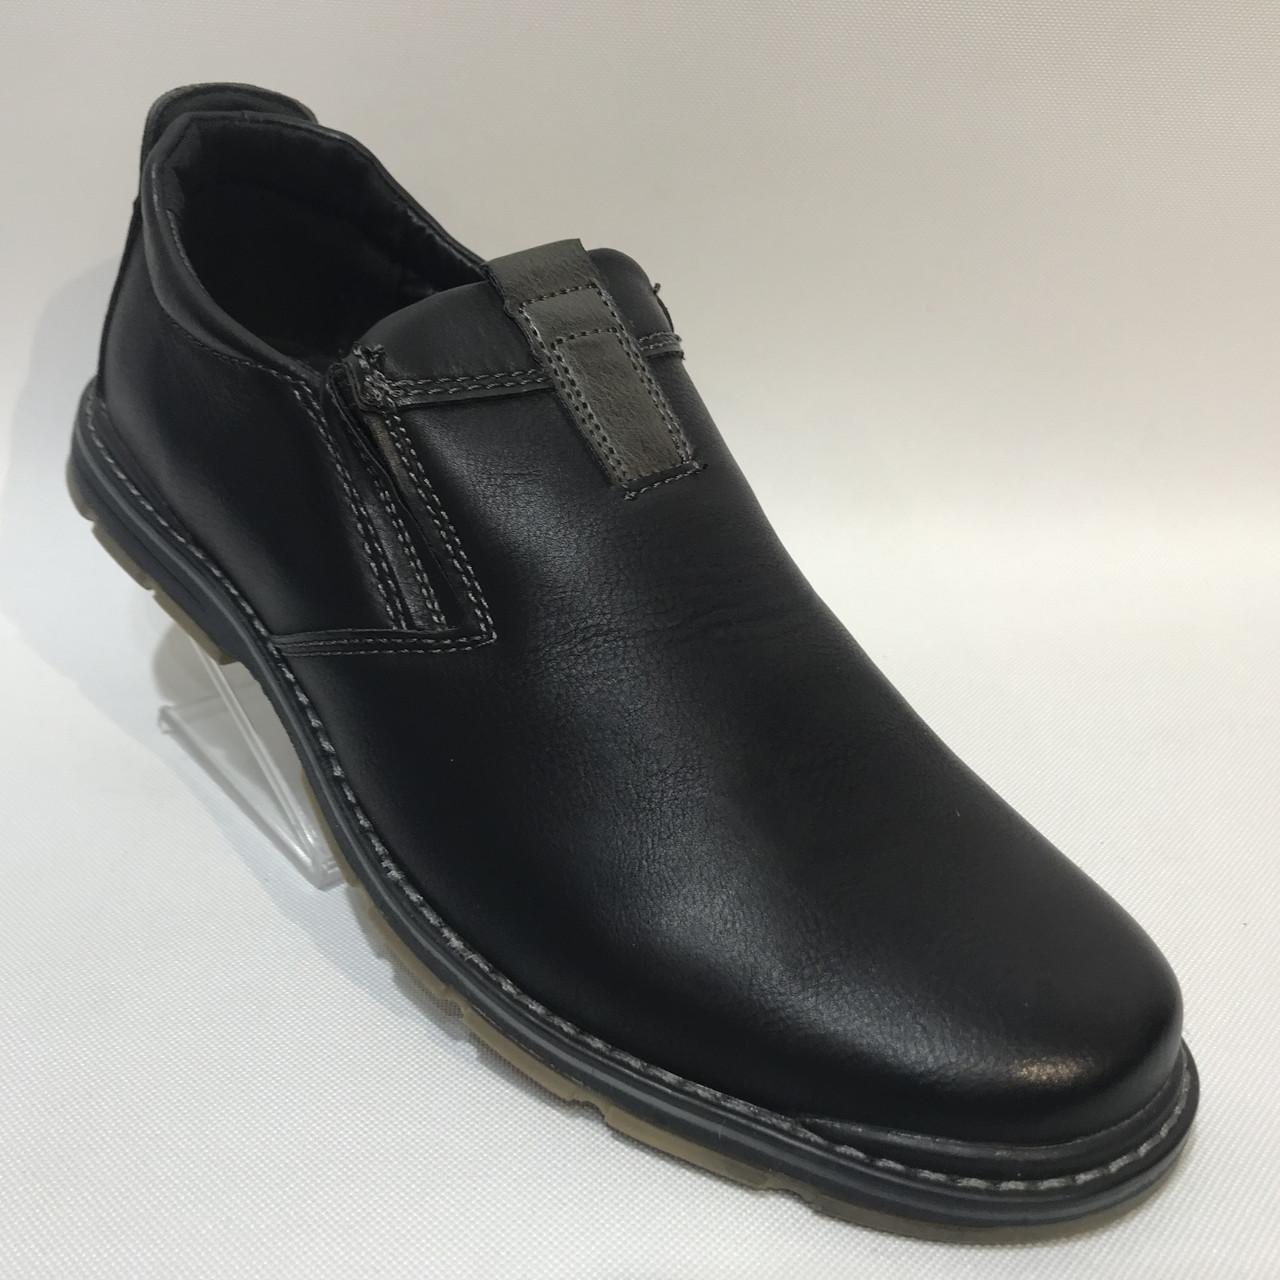 44 р. Мужские туфли из эко-кожи Последняя пара